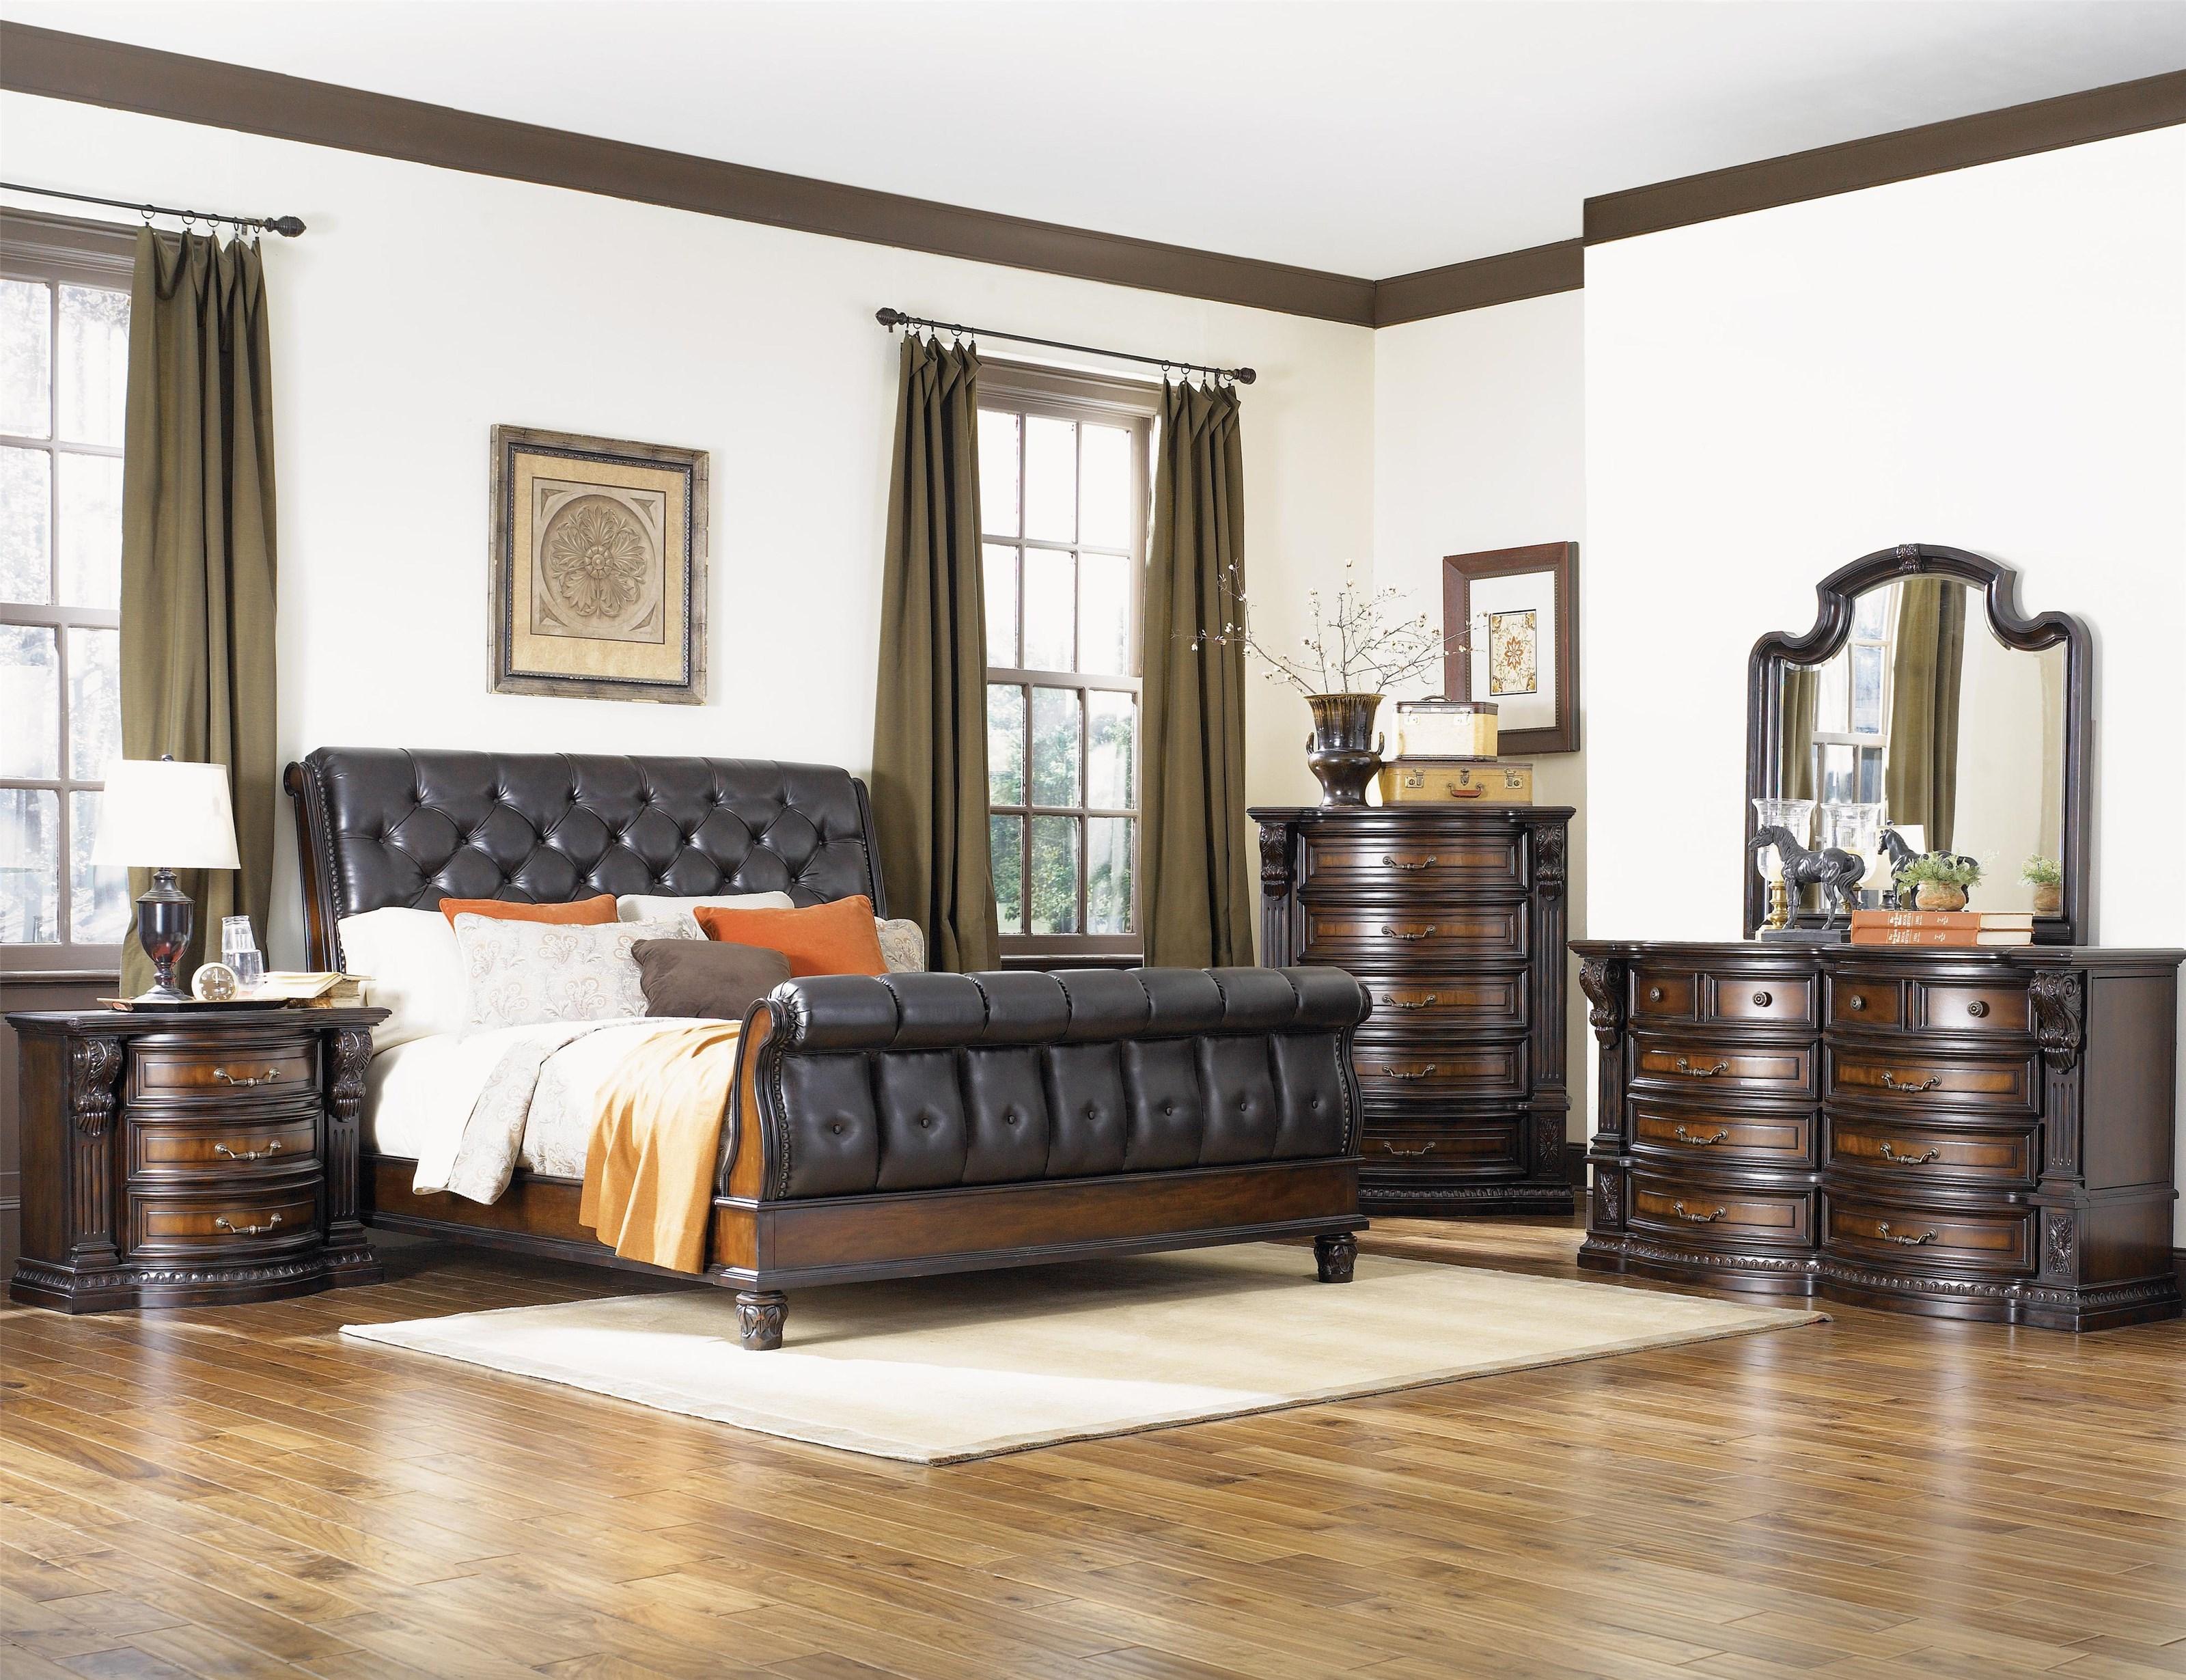 Fairmont Designs Grand Estates Queen 6 Piece Bedroom Group   Item Number   02 Queen. Fairmont Designs Grand Estates Queen 6 Piece Bedroom Group   Royal